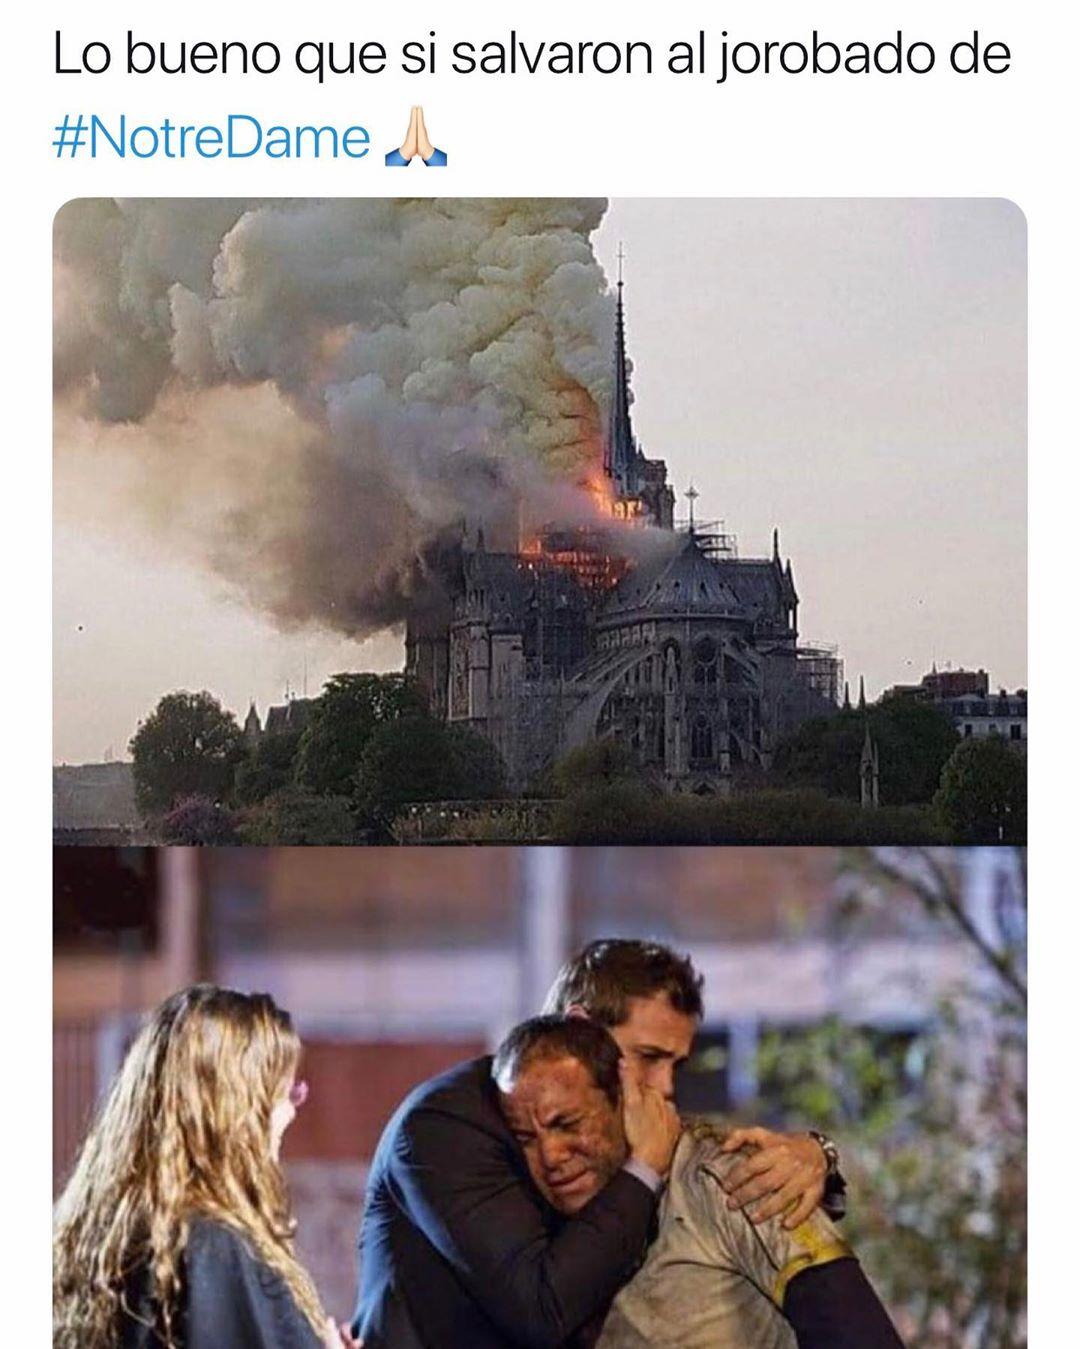 Lo bueno que si salvaron al jorobado de #NotreDame.